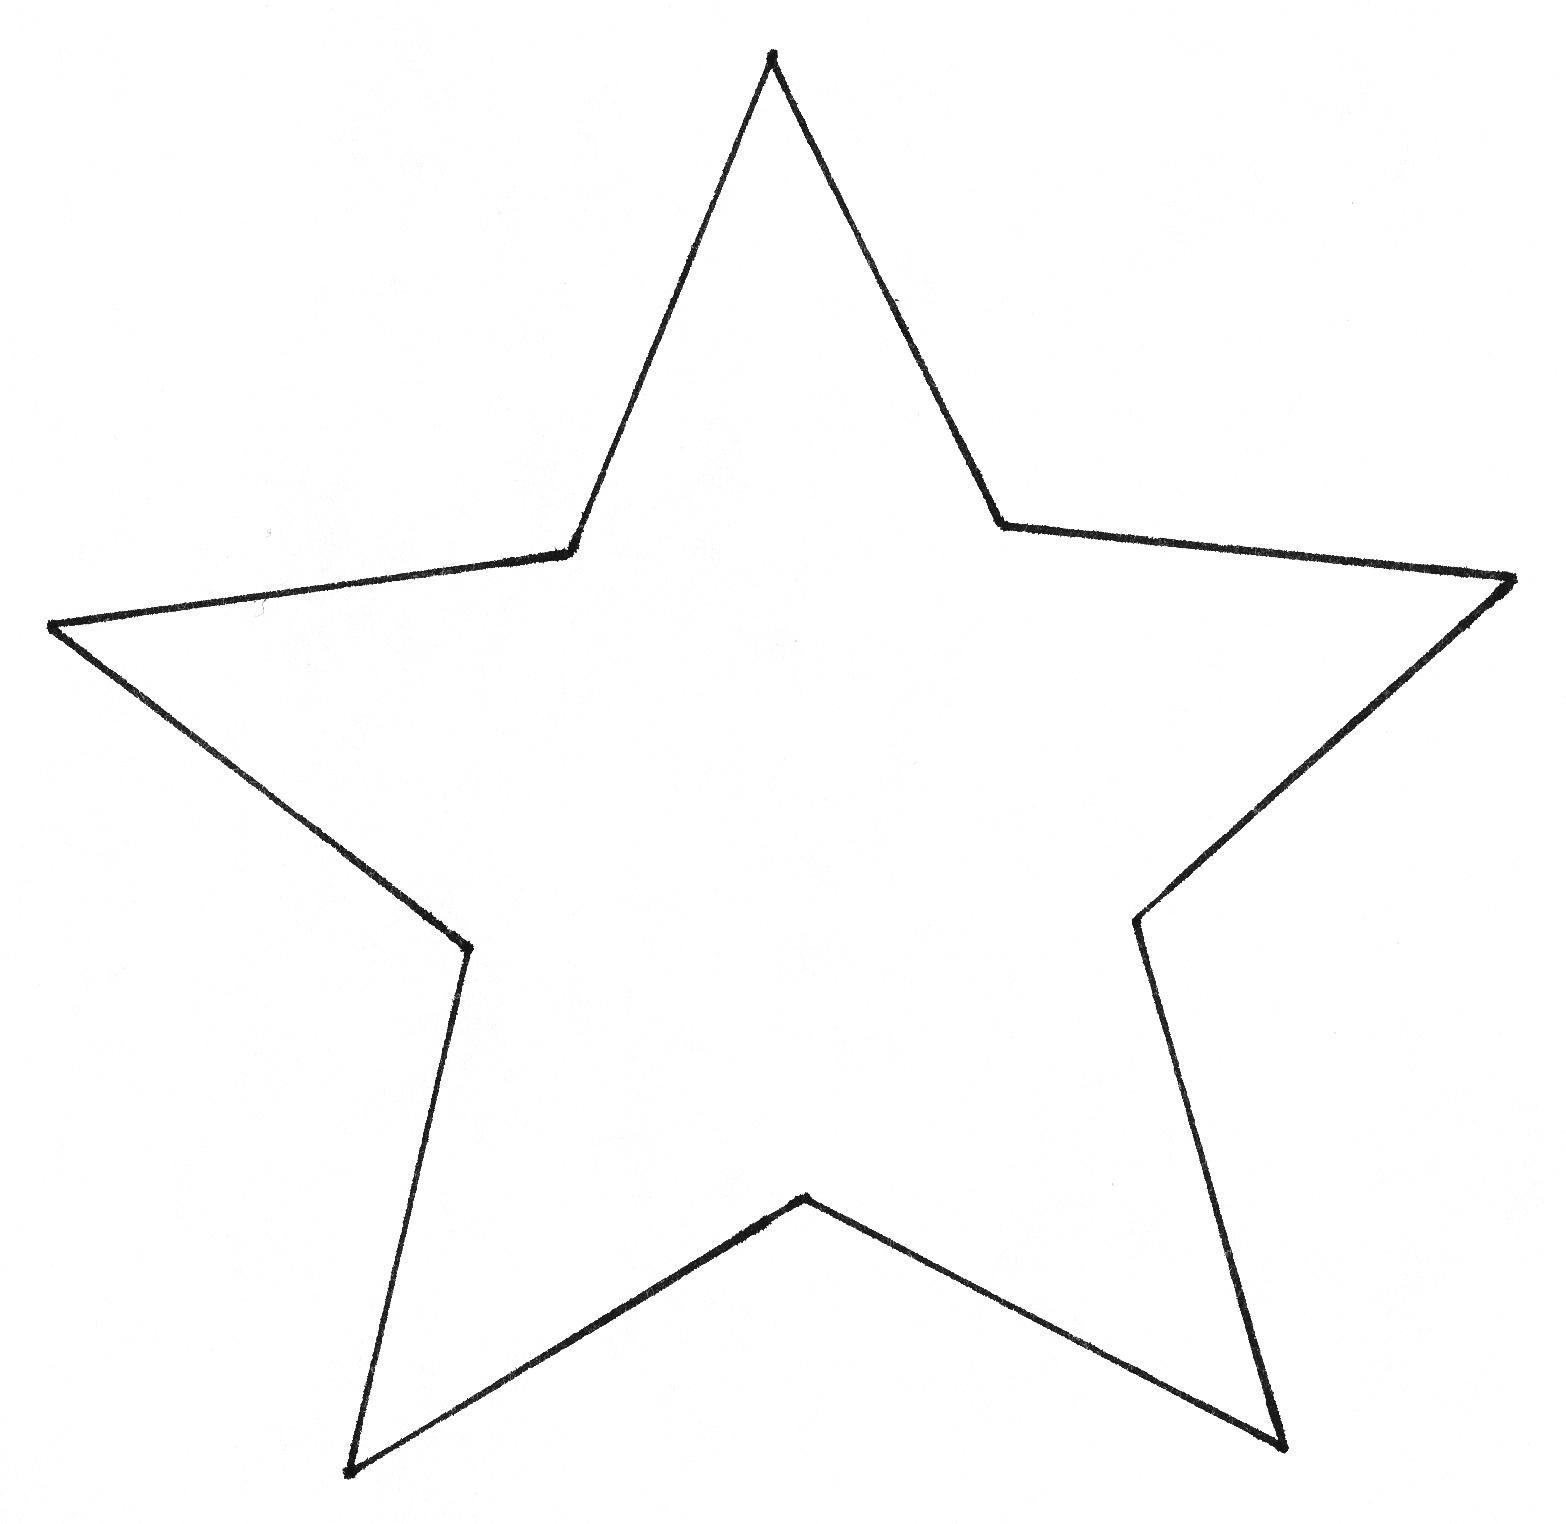 Malvorlage Weihnachtsstern Blume Malseite Druckbare Sterne Zum Ausdrucken Vorlage Stern Stern Schablone